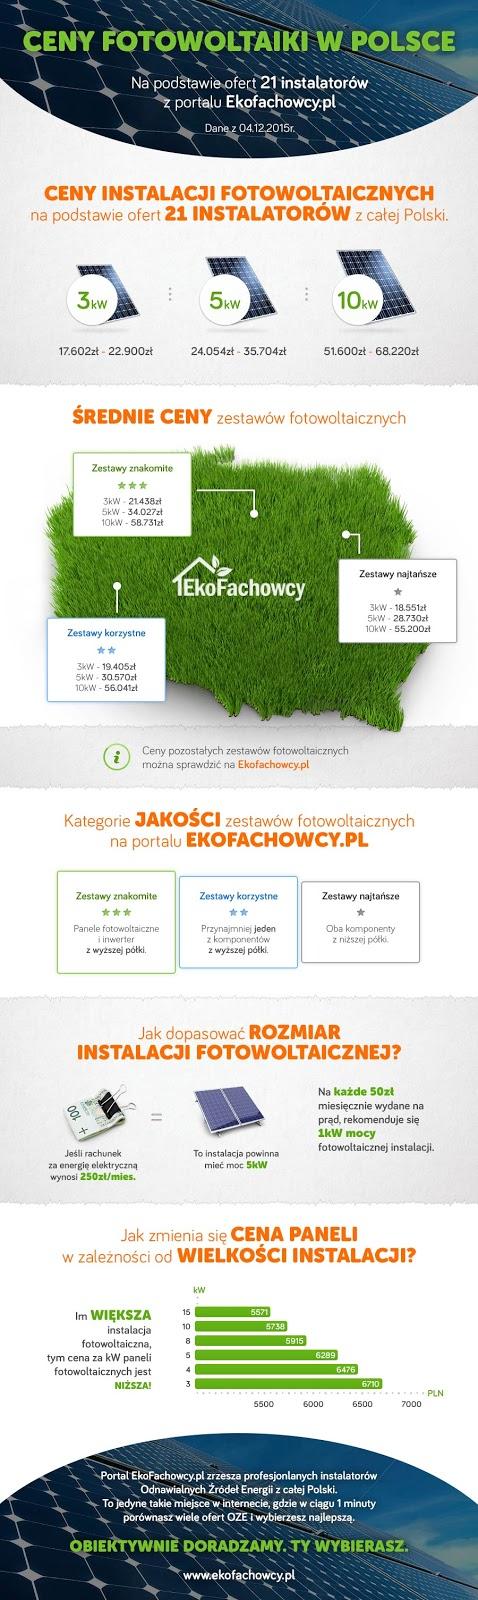 http://ekofachowcy.pl/